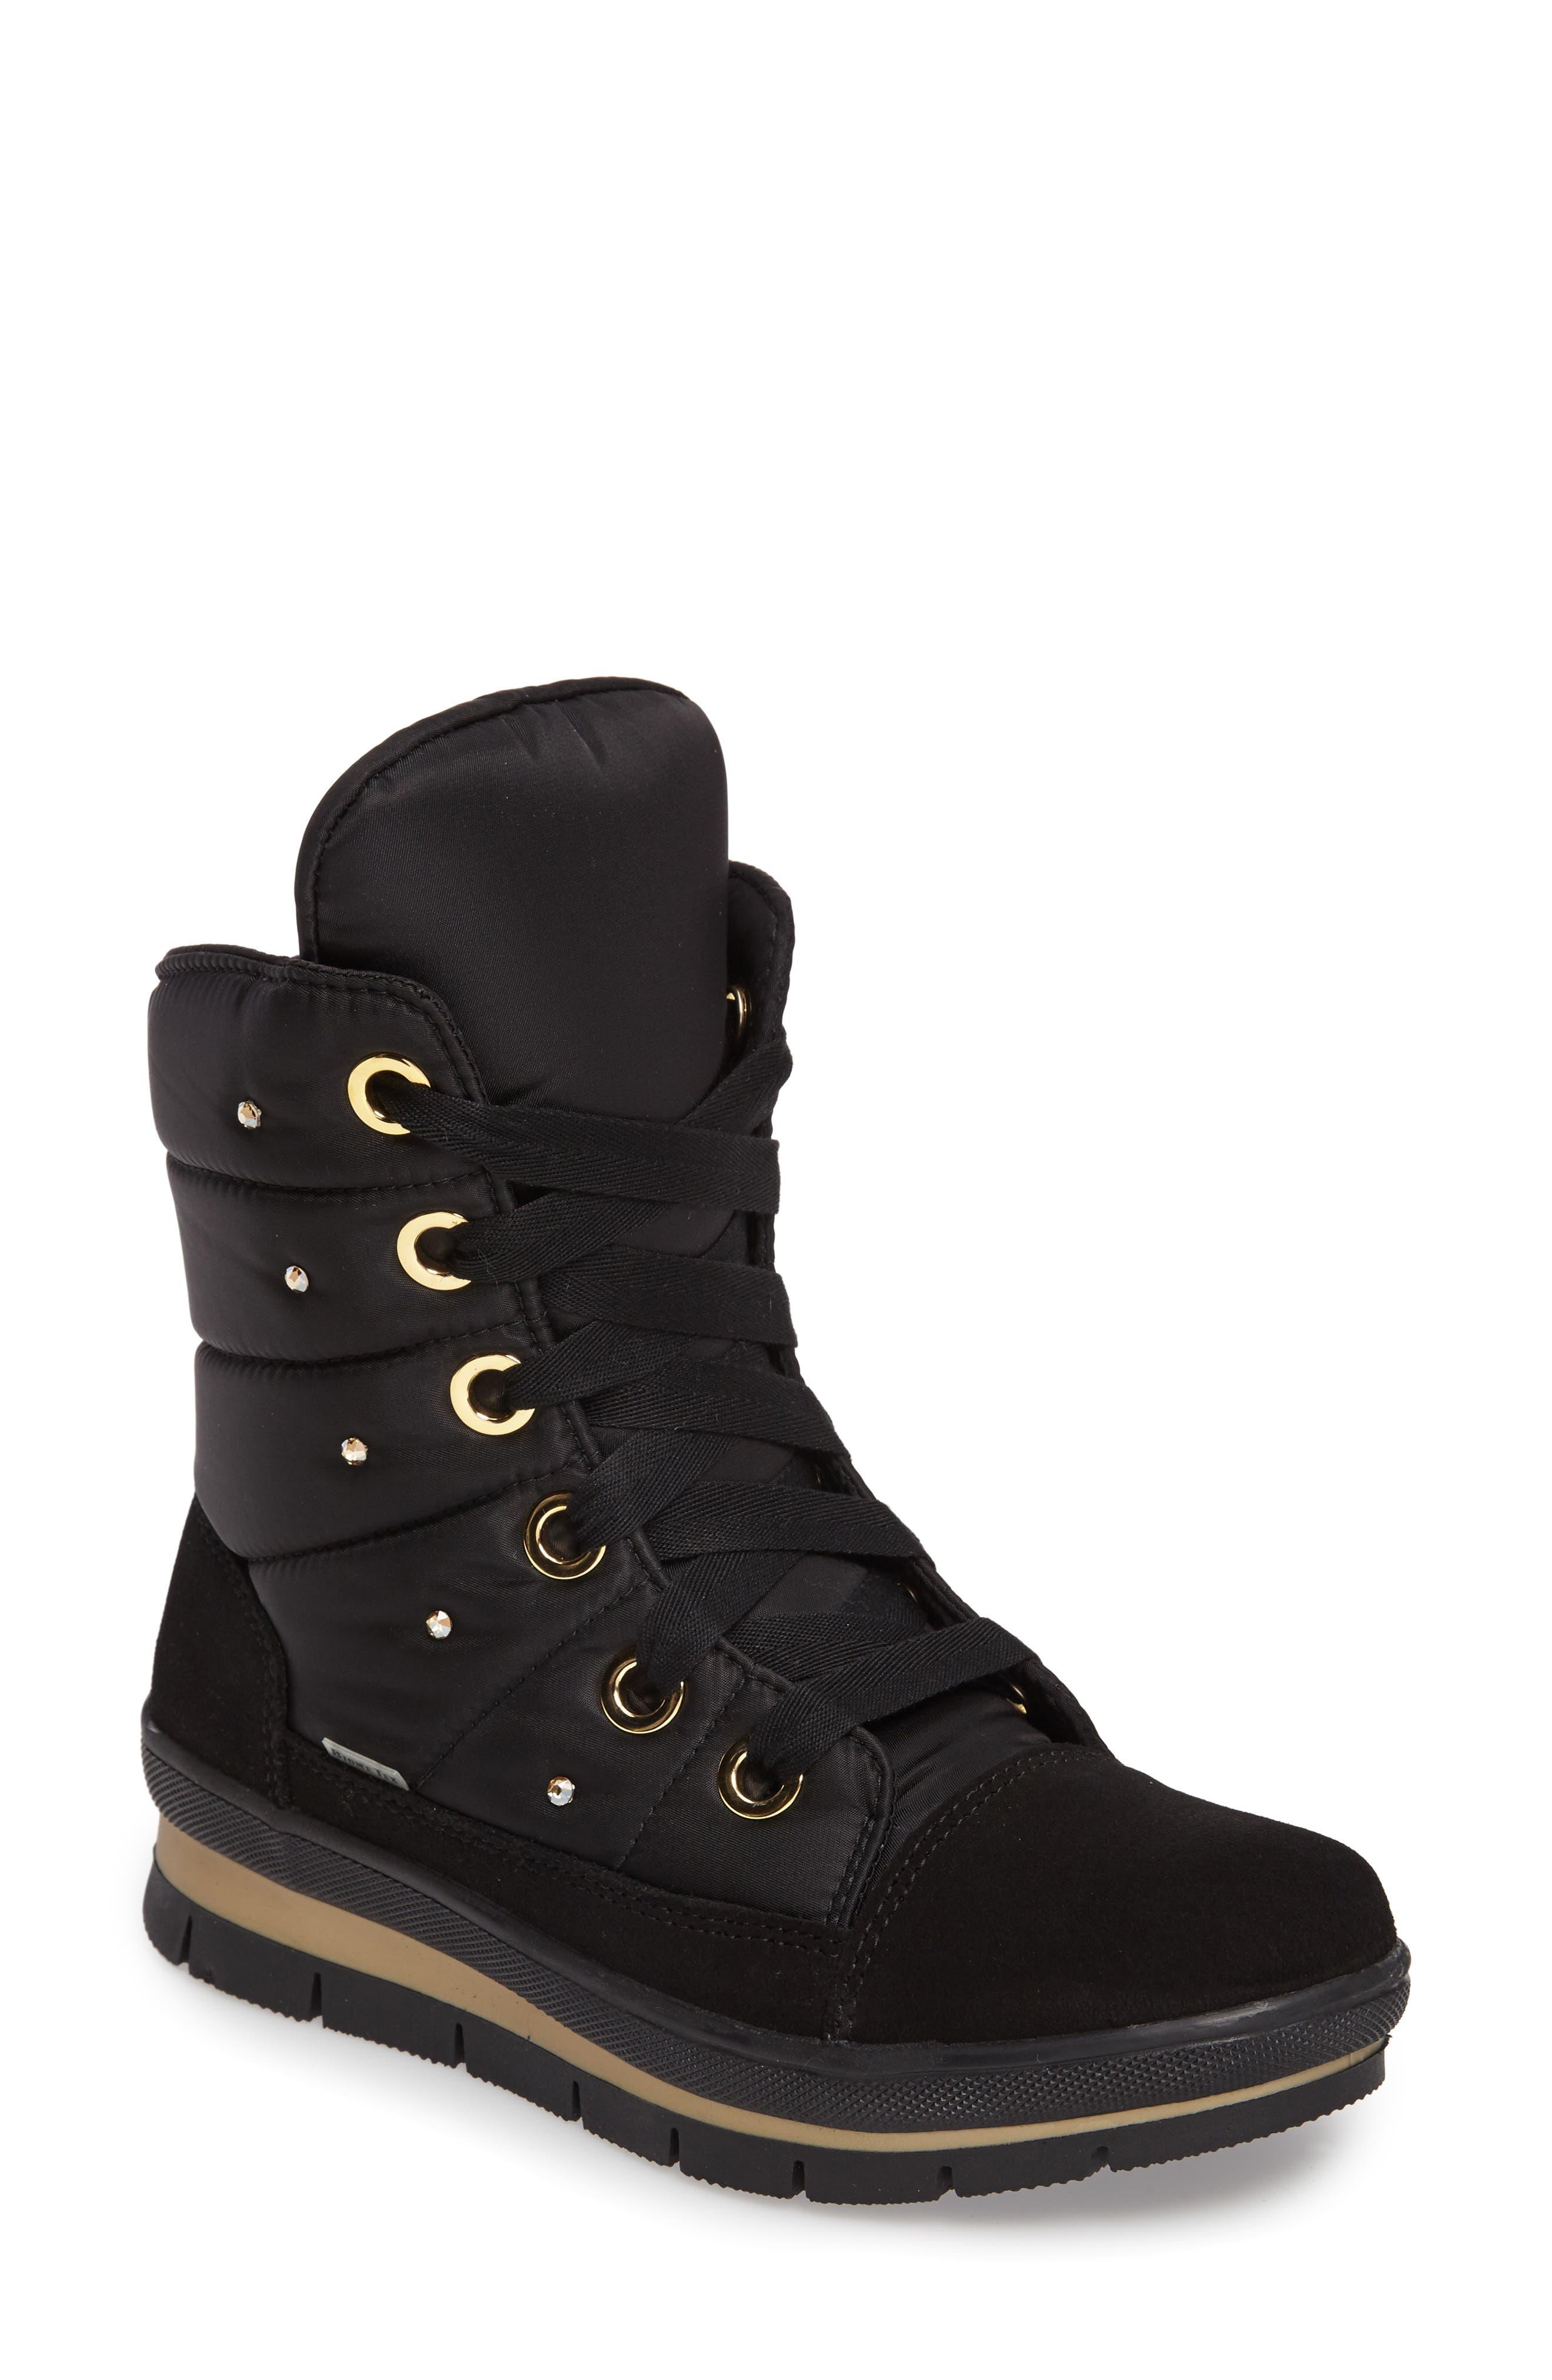 Jog Dog Verbier Waterproof Boot